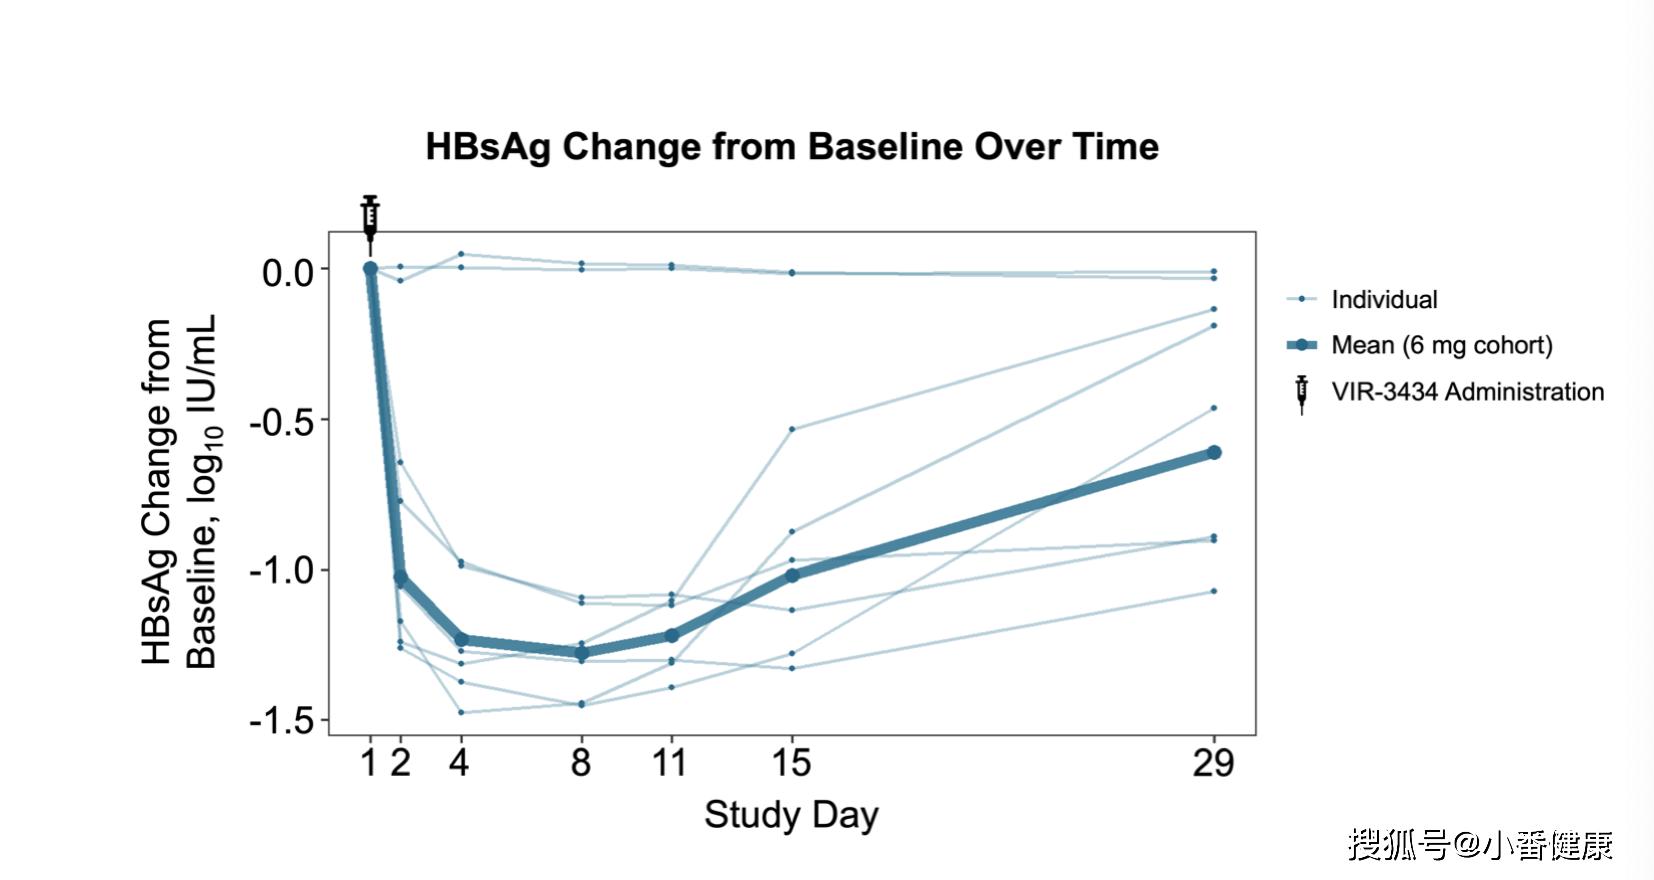 乙肝在研新药VIR-3434,Ib期6名参与者,表面抗原平均降1.3_log